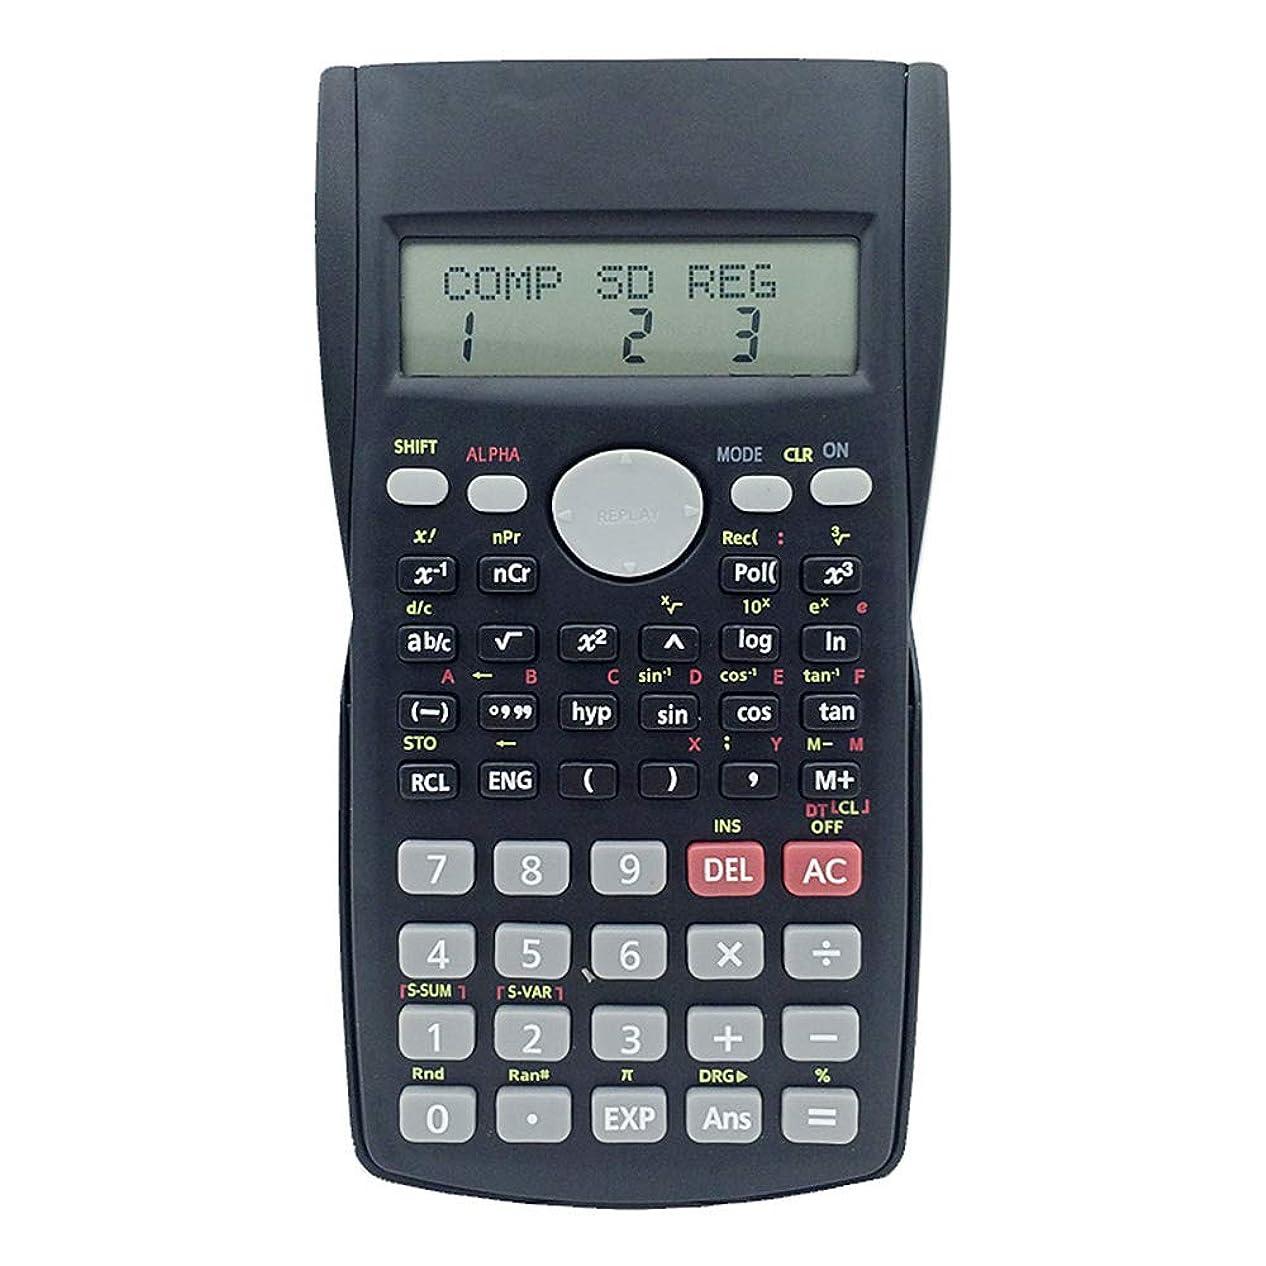 降下マーキー料理をする電子式電卓 科学計算機関数計算機学生固有の多機能計算機 コンパクトポータブル